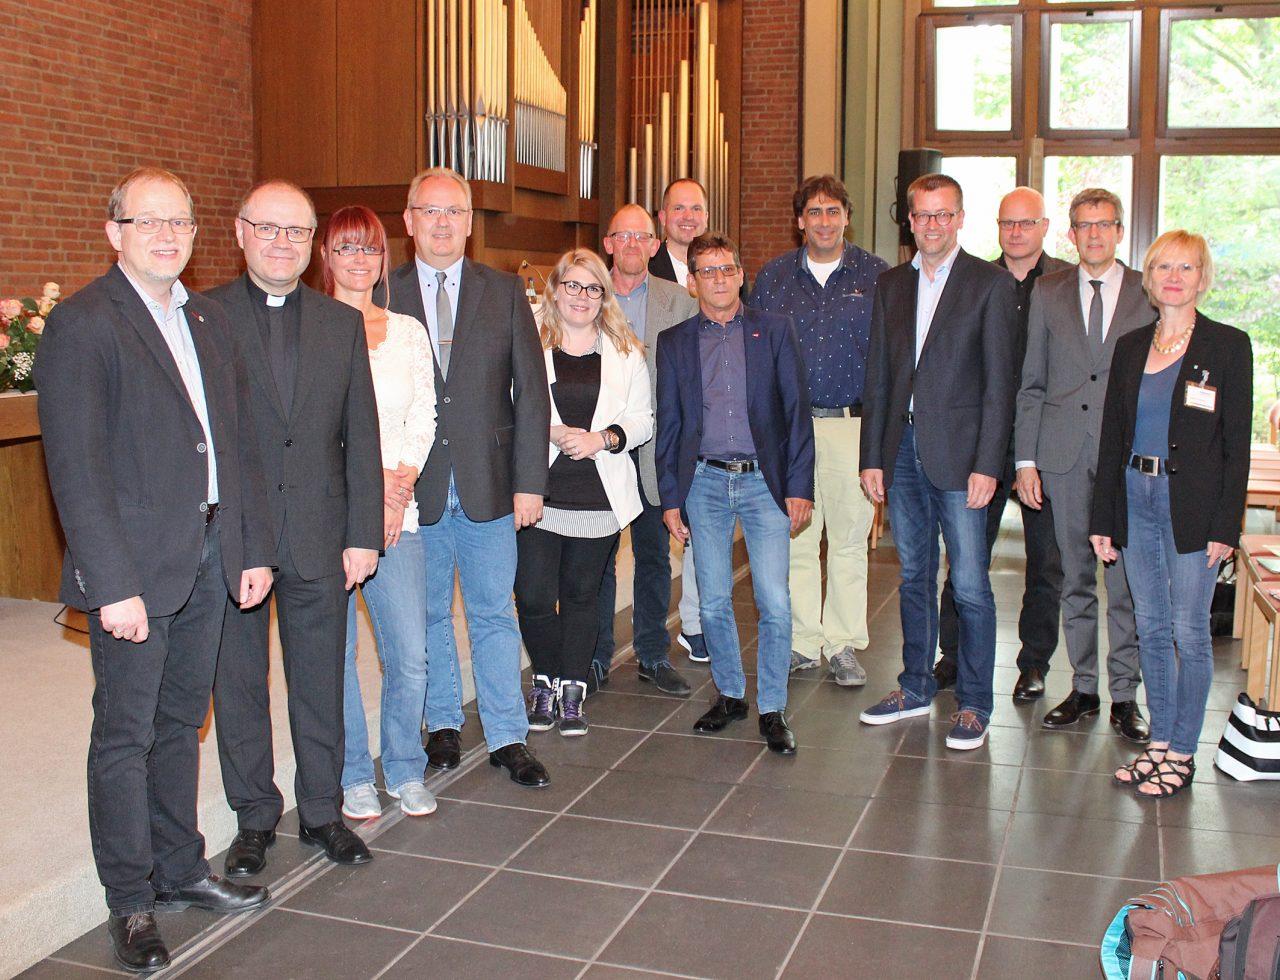 Besucher Im Lukaszentrum: Sie Beteiligten Sich Rege An Der Diskussion Zu Fragen Der Asylpolitik. Foto: DPH/Oliver Claes